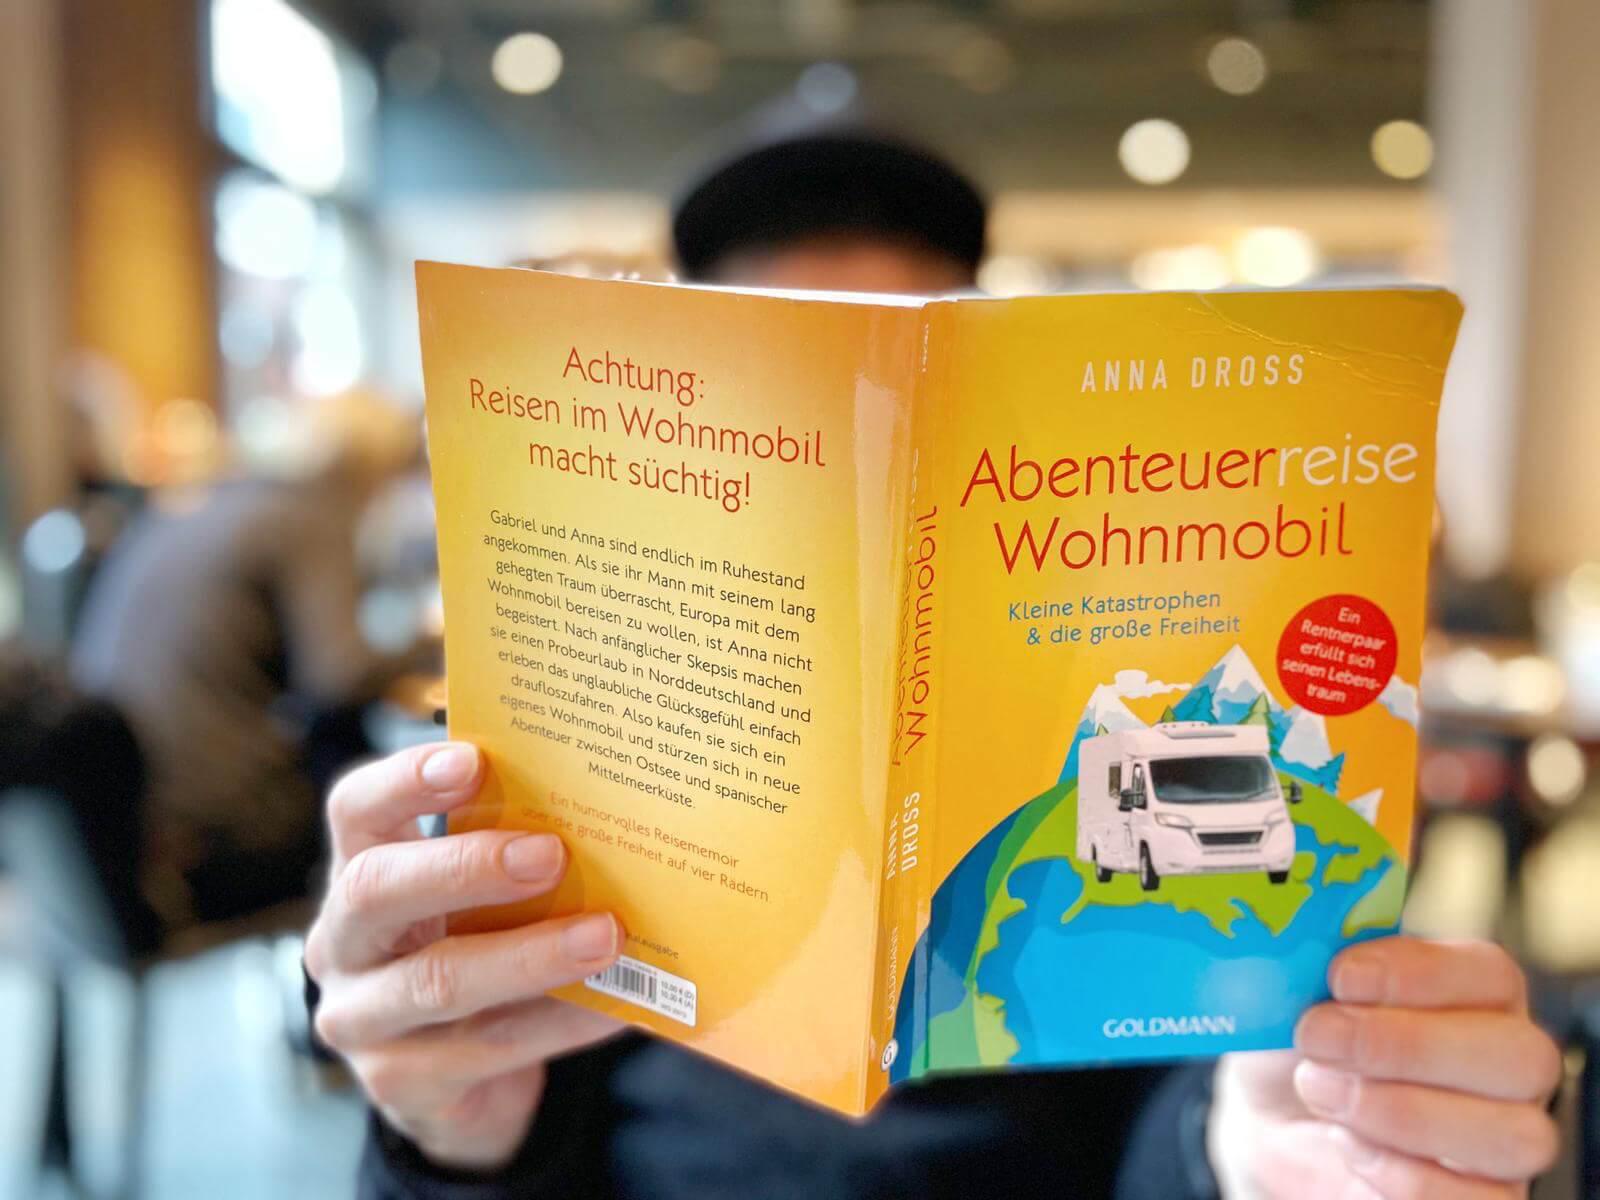 Abenteuerreise Wohnmobil – Kleine Katastrophen & die große Freiheit